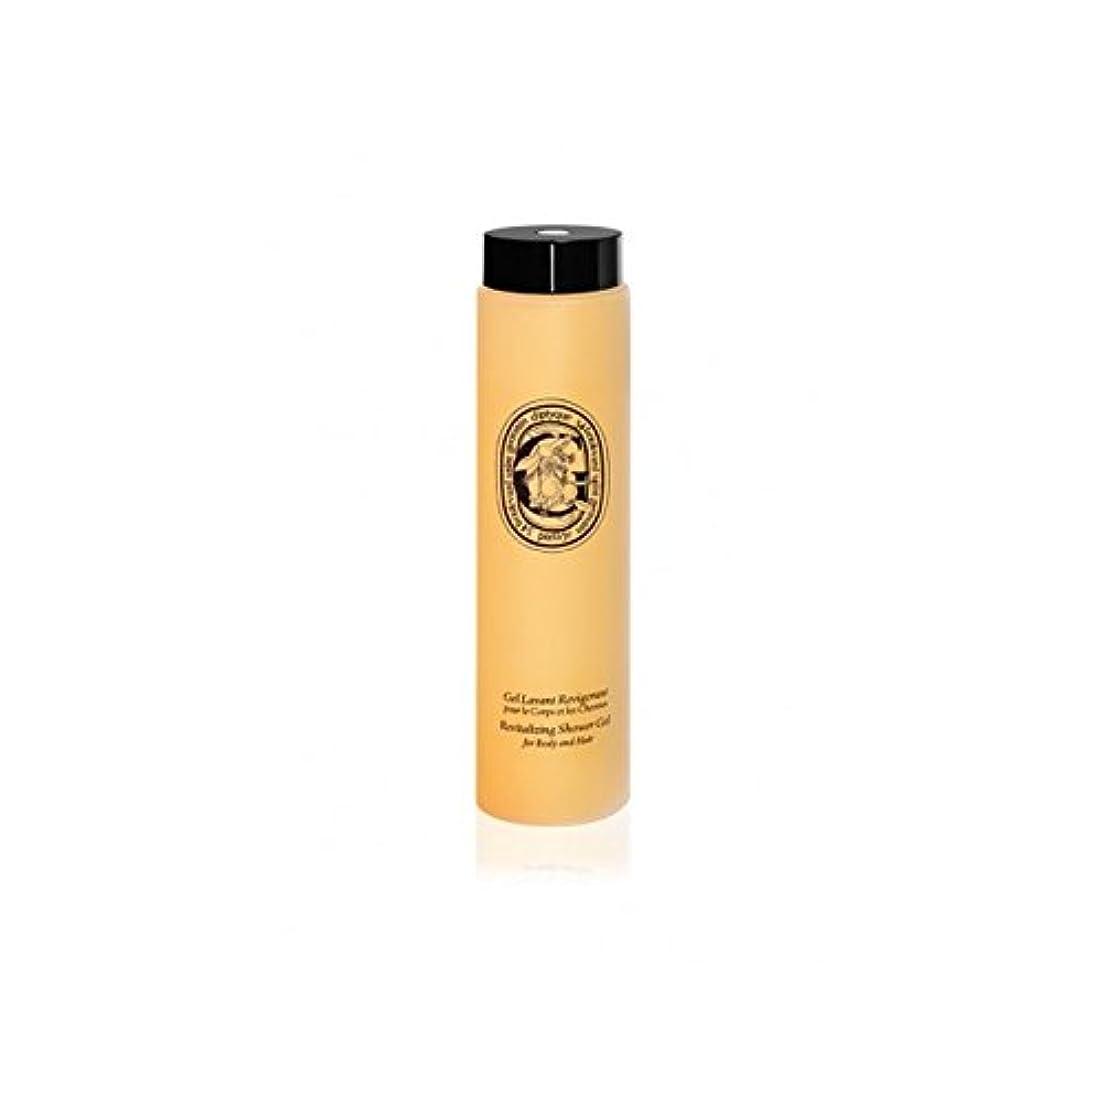 保証する島身元ボディ、ヘア200ミリリットルのためDiptyqueのリバイタライジングシャワージェル - Diptyque Revitalizing Shower Gel For Body And Hair 200ml (Diptyque...